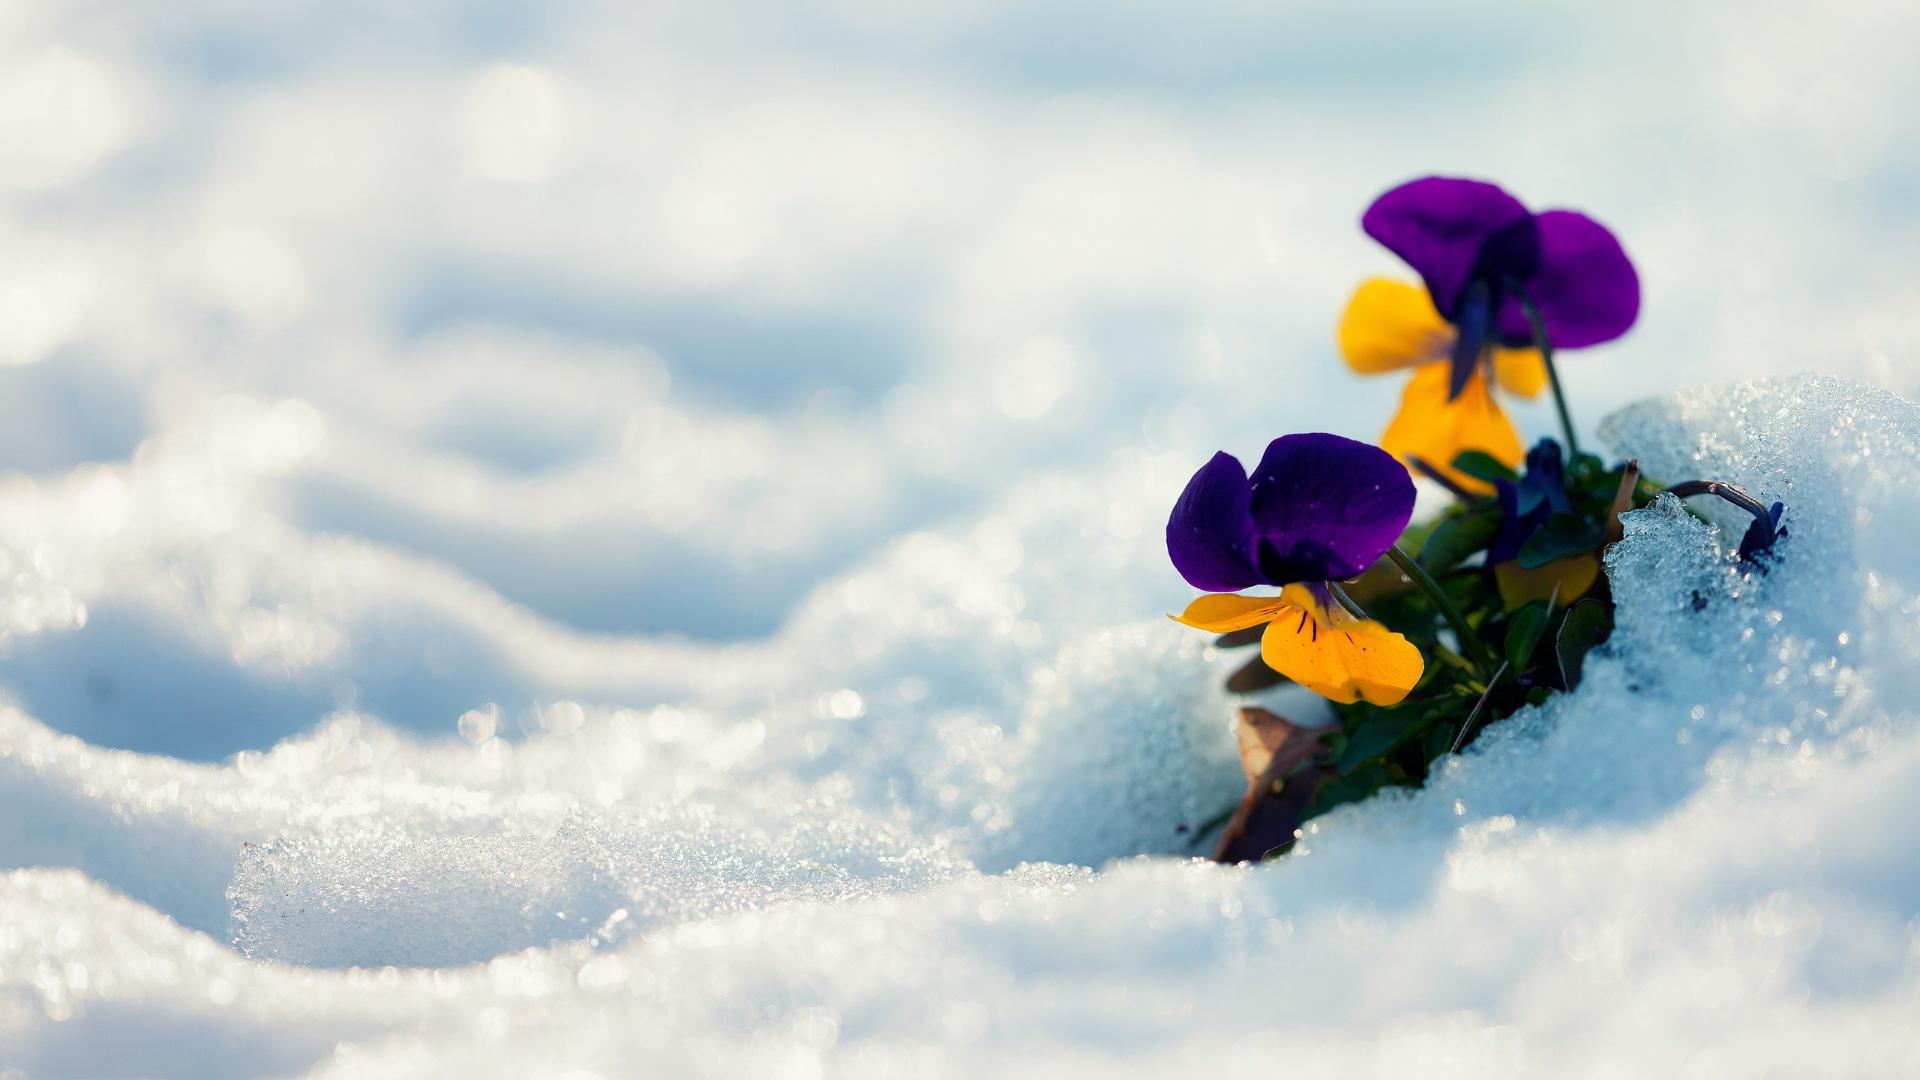 ювелиру свойственно картинки на весь экран цветы под снегом решили составить